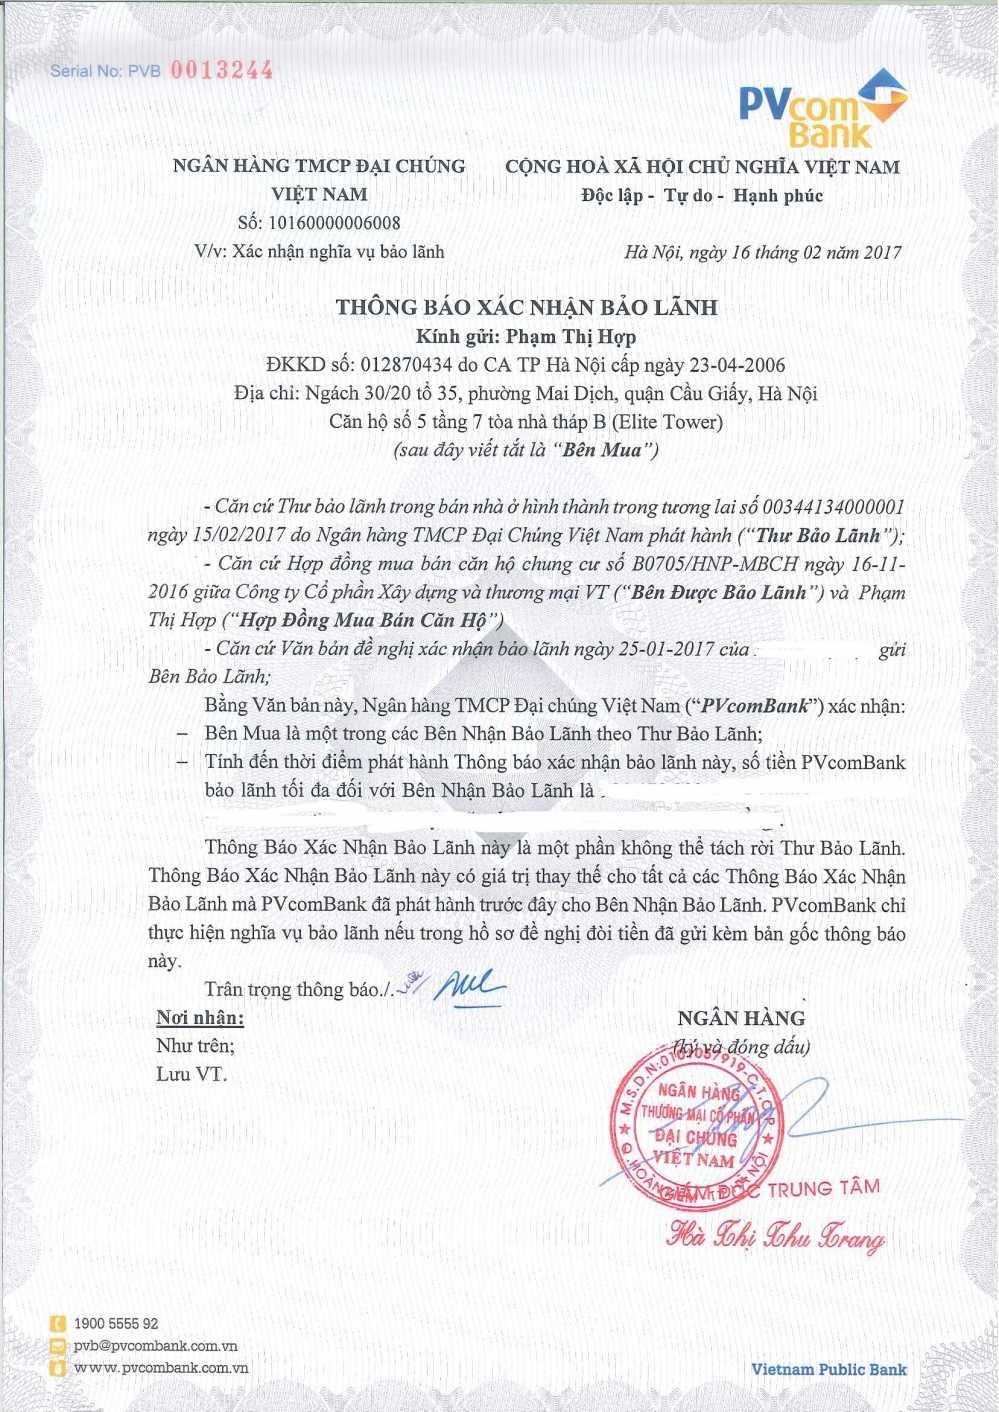 Hanoi Paragon trao chung thu bao lanh den tung khach hang hinh anh 2